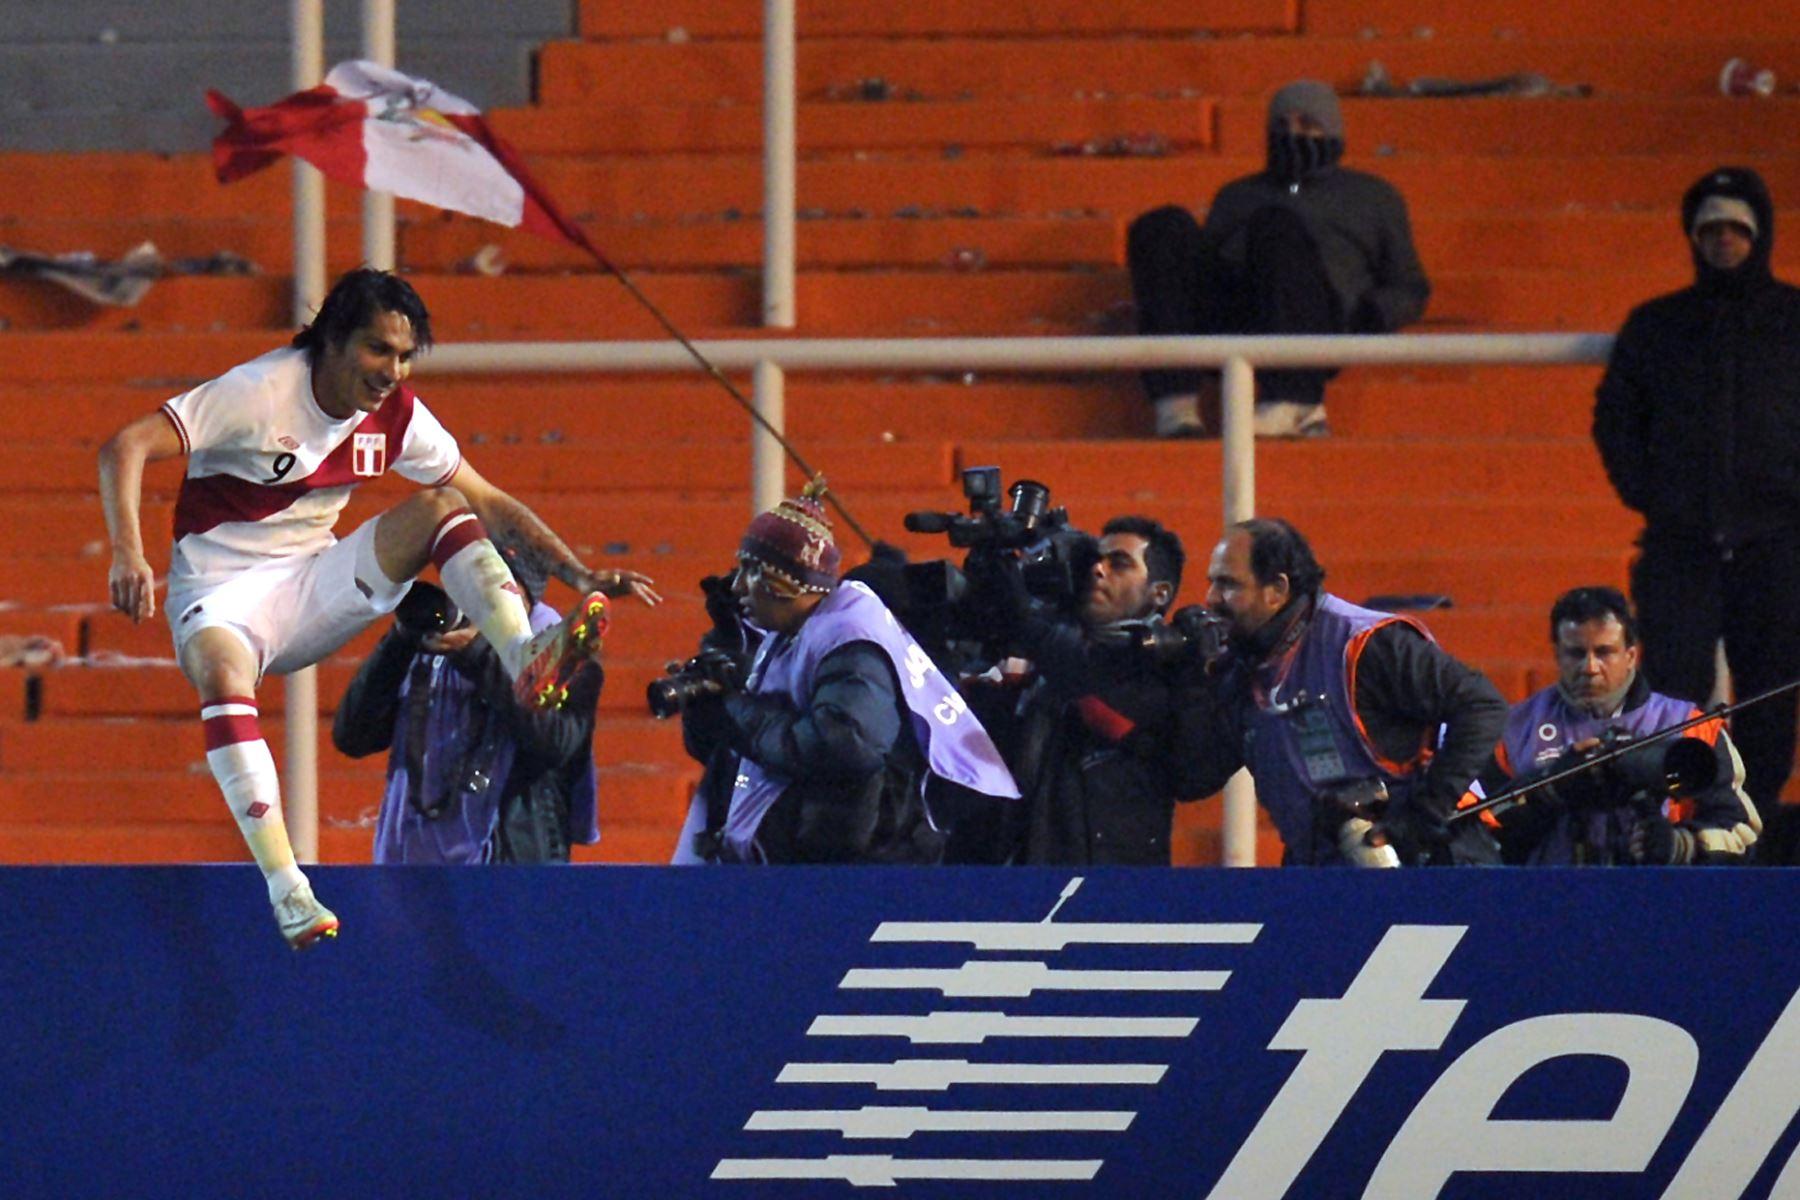 Paolo Guerrero, de Perú, celebra después de marcar contra México durante un partido de fútbol de la primera ronda de la Copa América Grupo C 2011 celebrado en el estadio Malvinas de Argentina.Foto:AFP